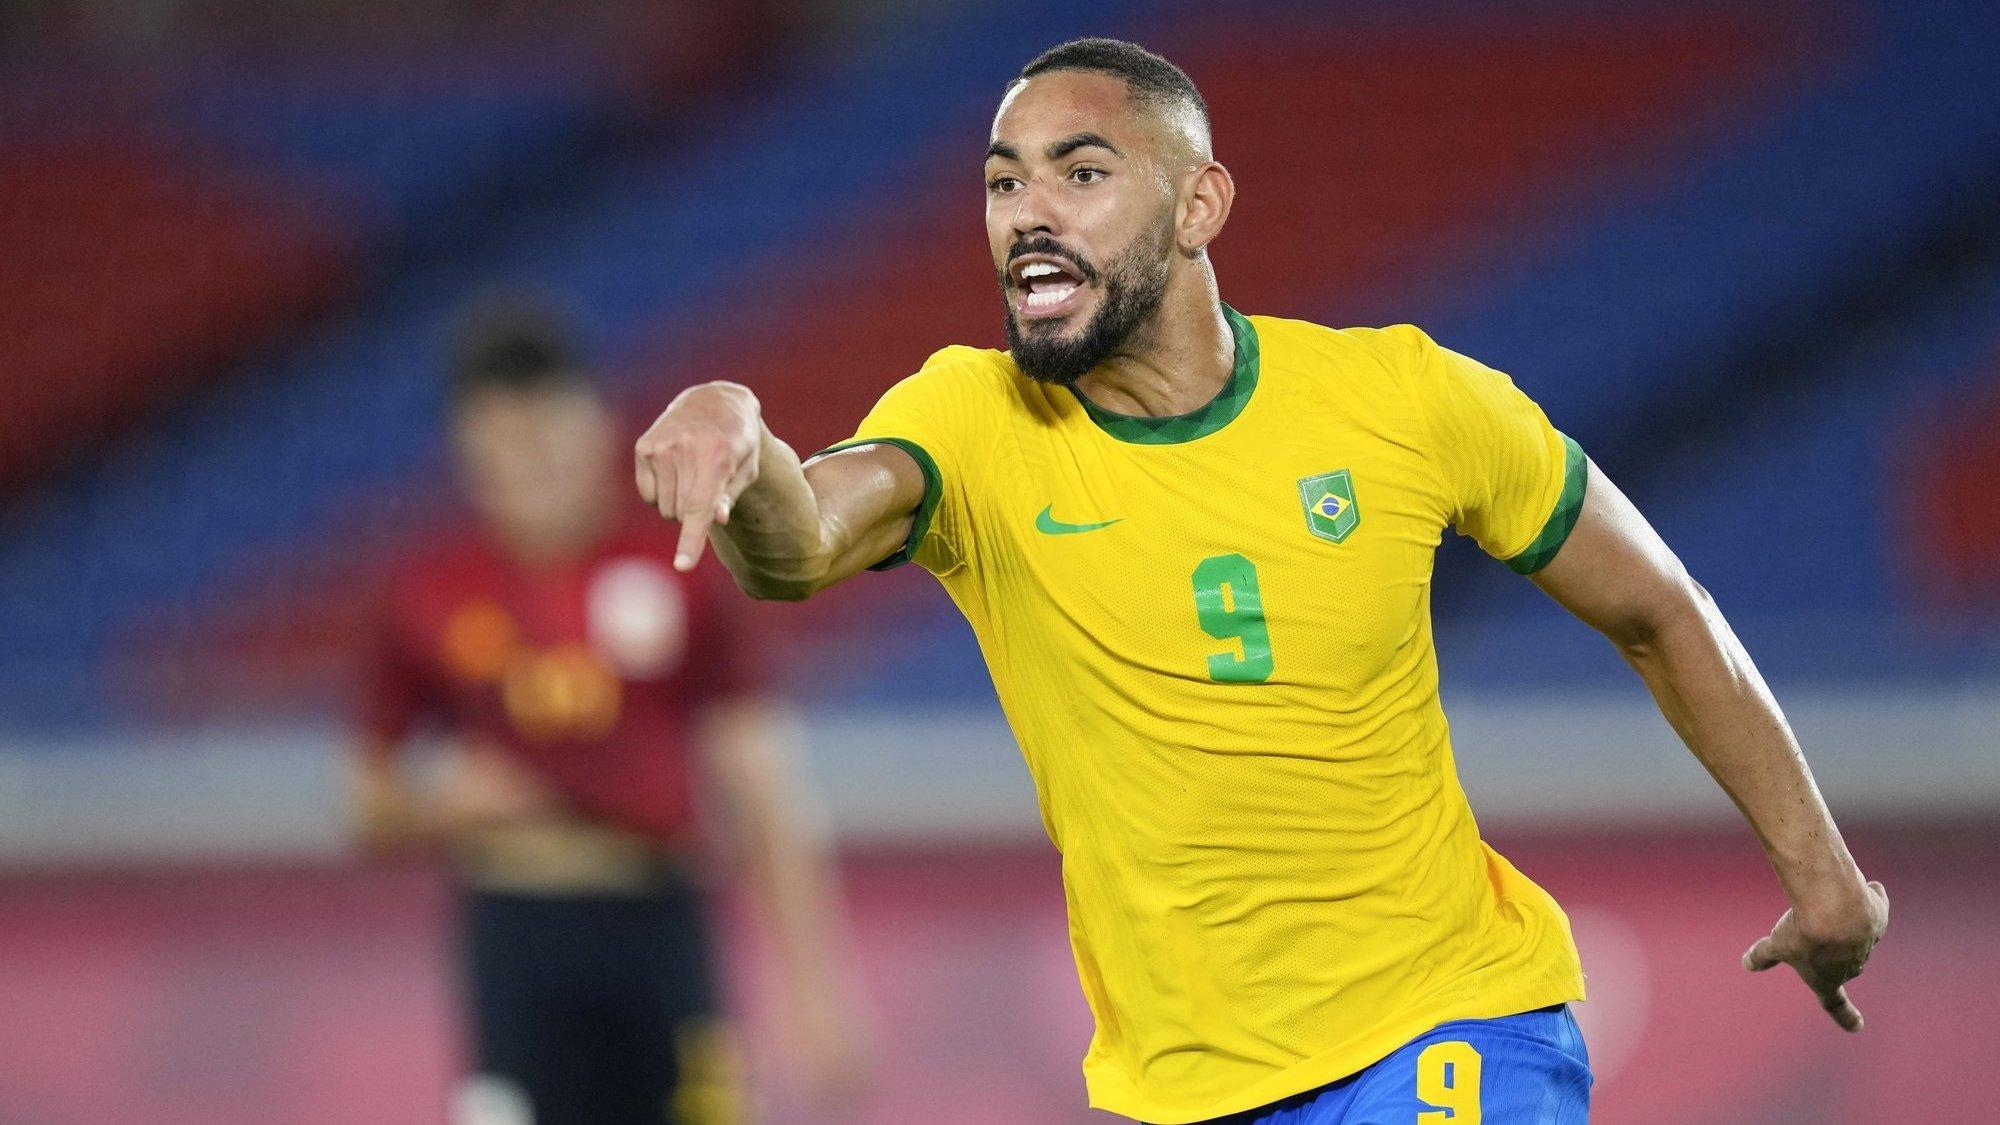 Matheus Cunha exulte après avoir marqué contre l'Espagne en finale du tournoi olympique.